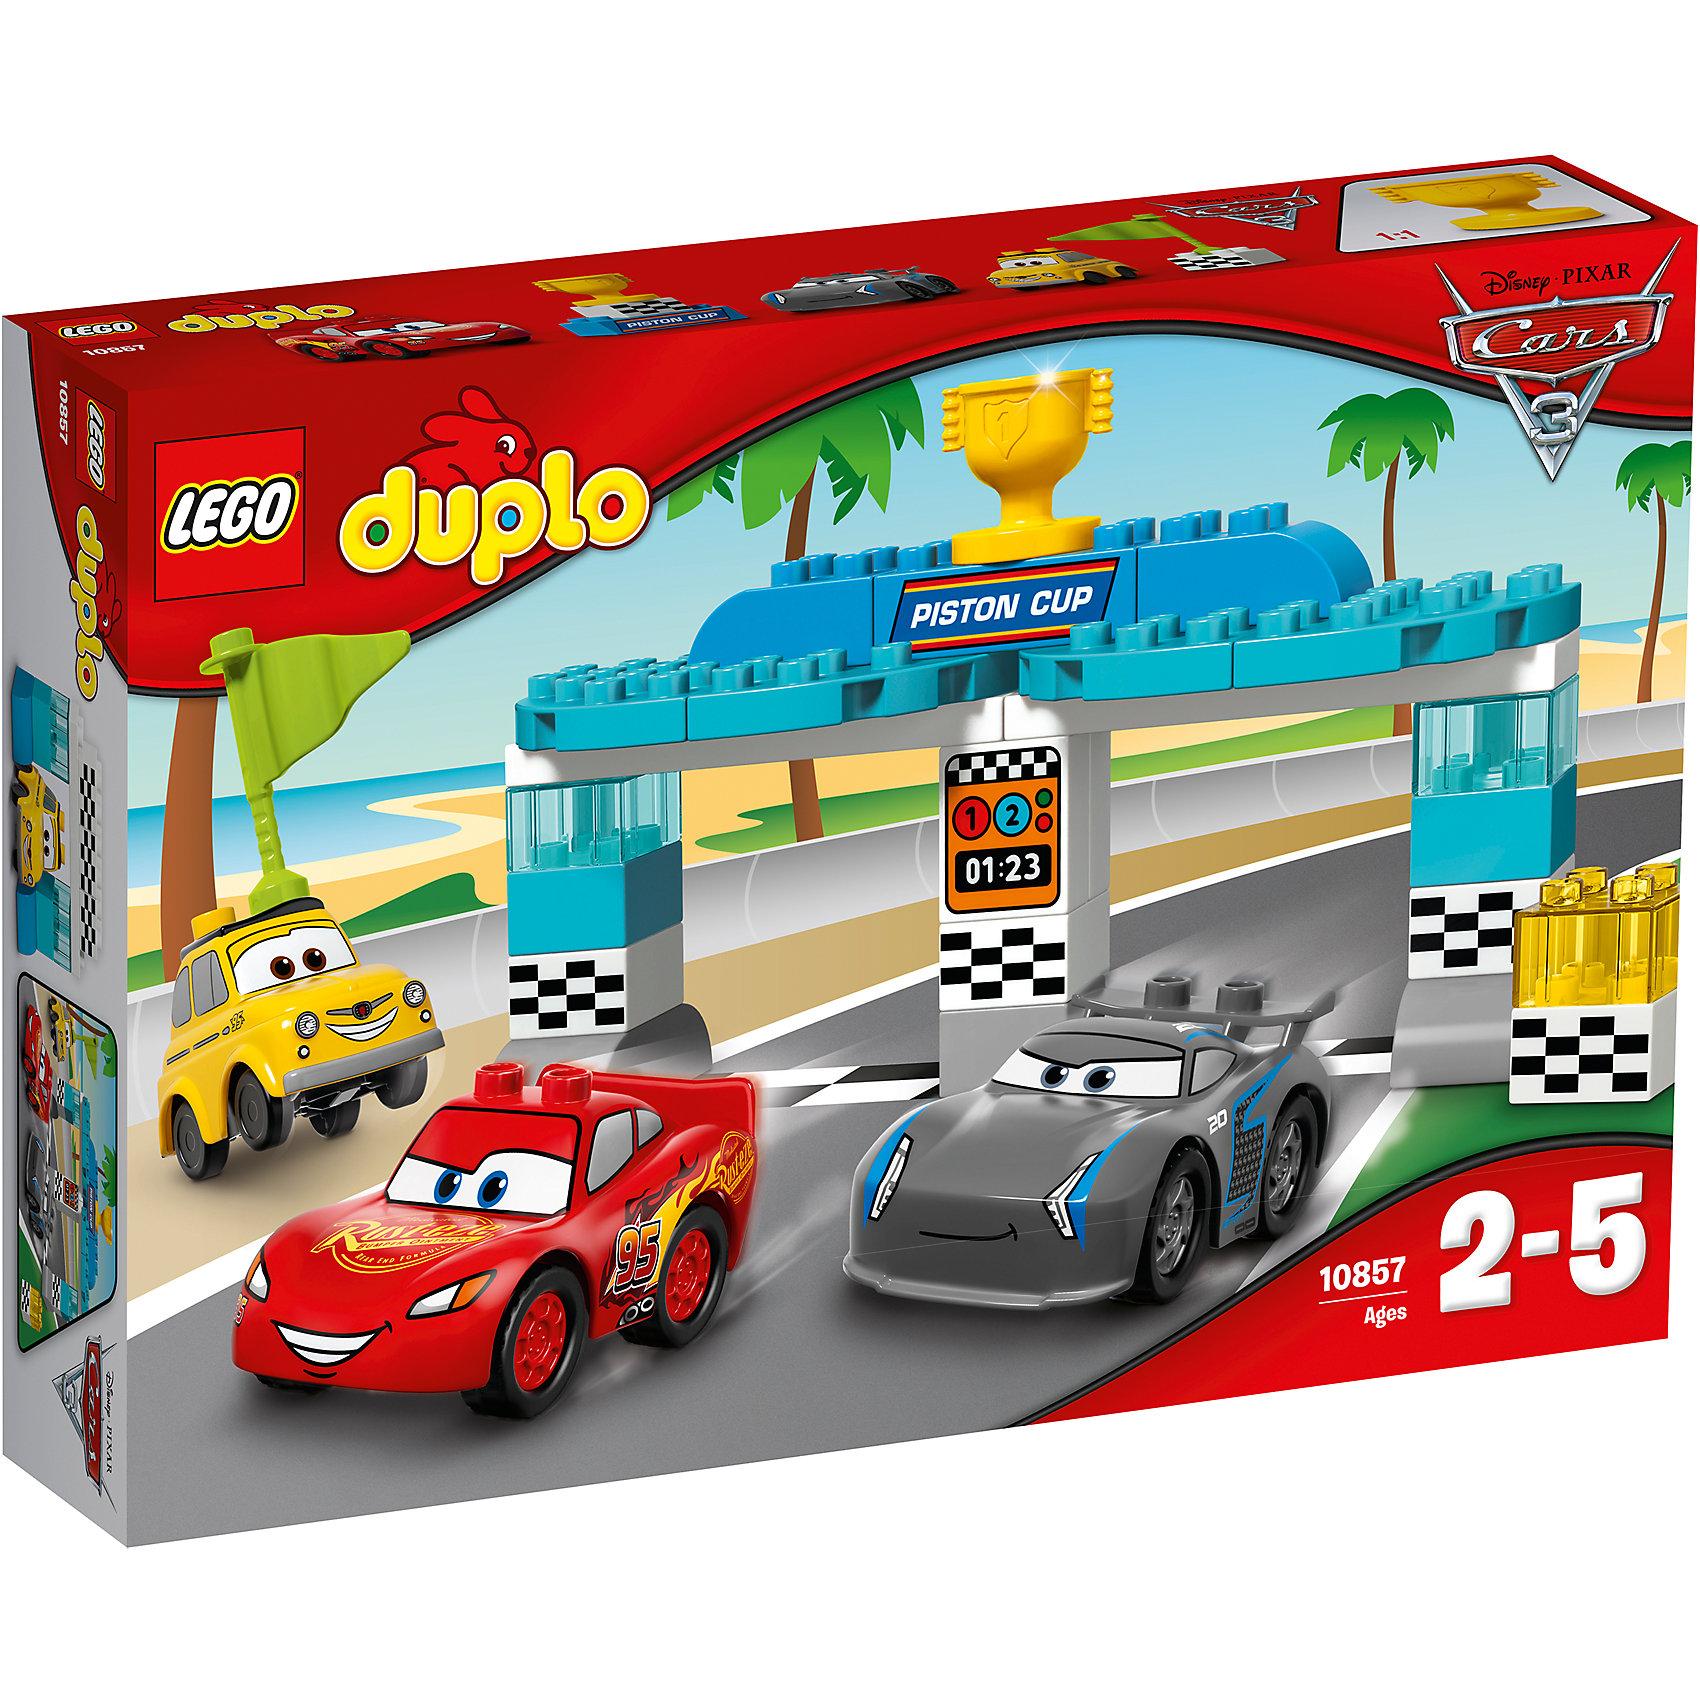 Конструктор Lego Duplo 10857 Тачки 3: Гонка за Кубок ПоршняПластмассовые конструкторы<br>Характеристики товара:<br><br>• возраст: от 2 лет;<br>• материал: пластик;<br>• в комплекте: 31 деталь, инструкция;<br>• размер упаковки: 26,2х38,2х7,1 см;<br>• вес упаковки: 565 гр.;<br>• страна производитель: Китай.<br><br>Конструктор Lego Duplo «Гонка за Кубок Поршня» создан по мотивам мультфильма «Тачки 3». Молния МакКуин и Джексон Шторм сражаются за главный приз гонок — Кубок Поршня. Начинать гонку им предстоит у стартовых ворот, на которых сверху находится главный трофей за победу. Старт им дает Луиджи, махнув флажком.<br><br>Из элементов предстоит собрать 3 машинки и стартовые ворота. Все детали конструктора созданы из качественных безопасных материалов. В процессе сборки у ребенка развивается мелкая моторика рук, усидчивость, логическое мышление.<br><br>Конструктор Lego Duplo «Гонка за Кубок Поршня» можно приобрести в нашем интернет-магазине.<br><br>Ширина мм: 384<br>Глубина мм: 261<br>Высота мм: 76<br>Вес г: 568<br>Возраст от месяцев: 24<br>Возраст до месяцев: 2147483647<br>Пол: Мужской<br>Возраст: Детский<br>SKU: 5620067